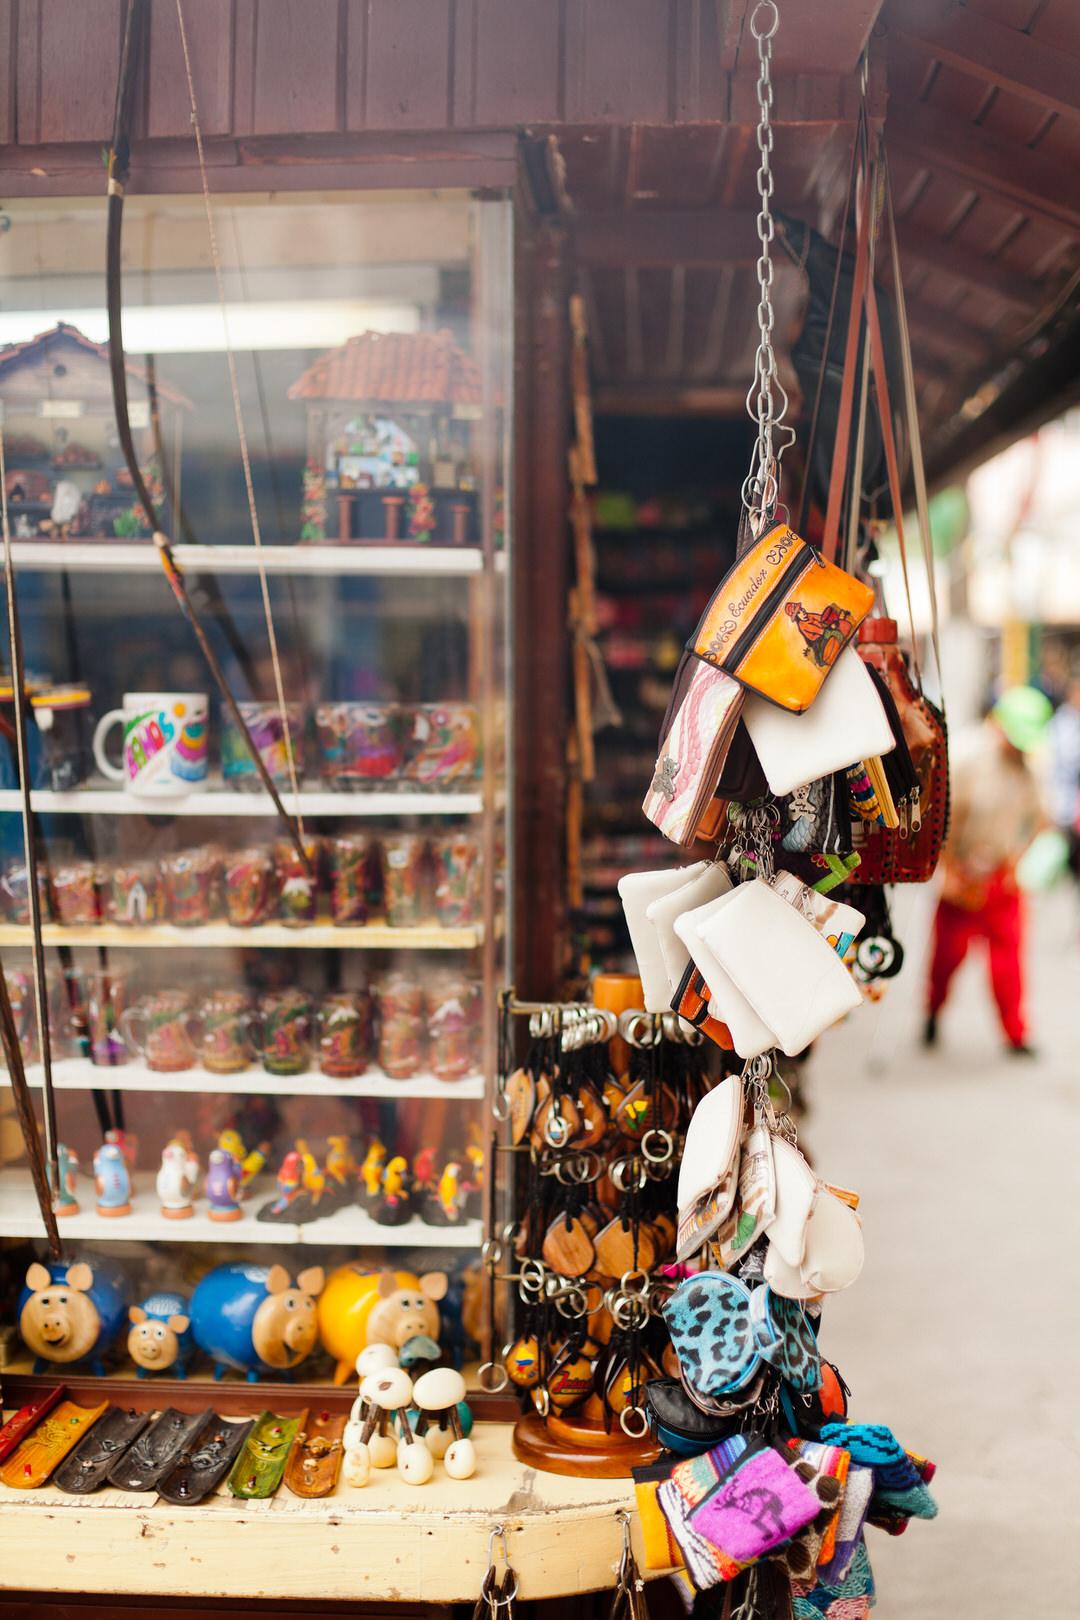 melissa kruse photography - Banos, Ecuador-89.jpg